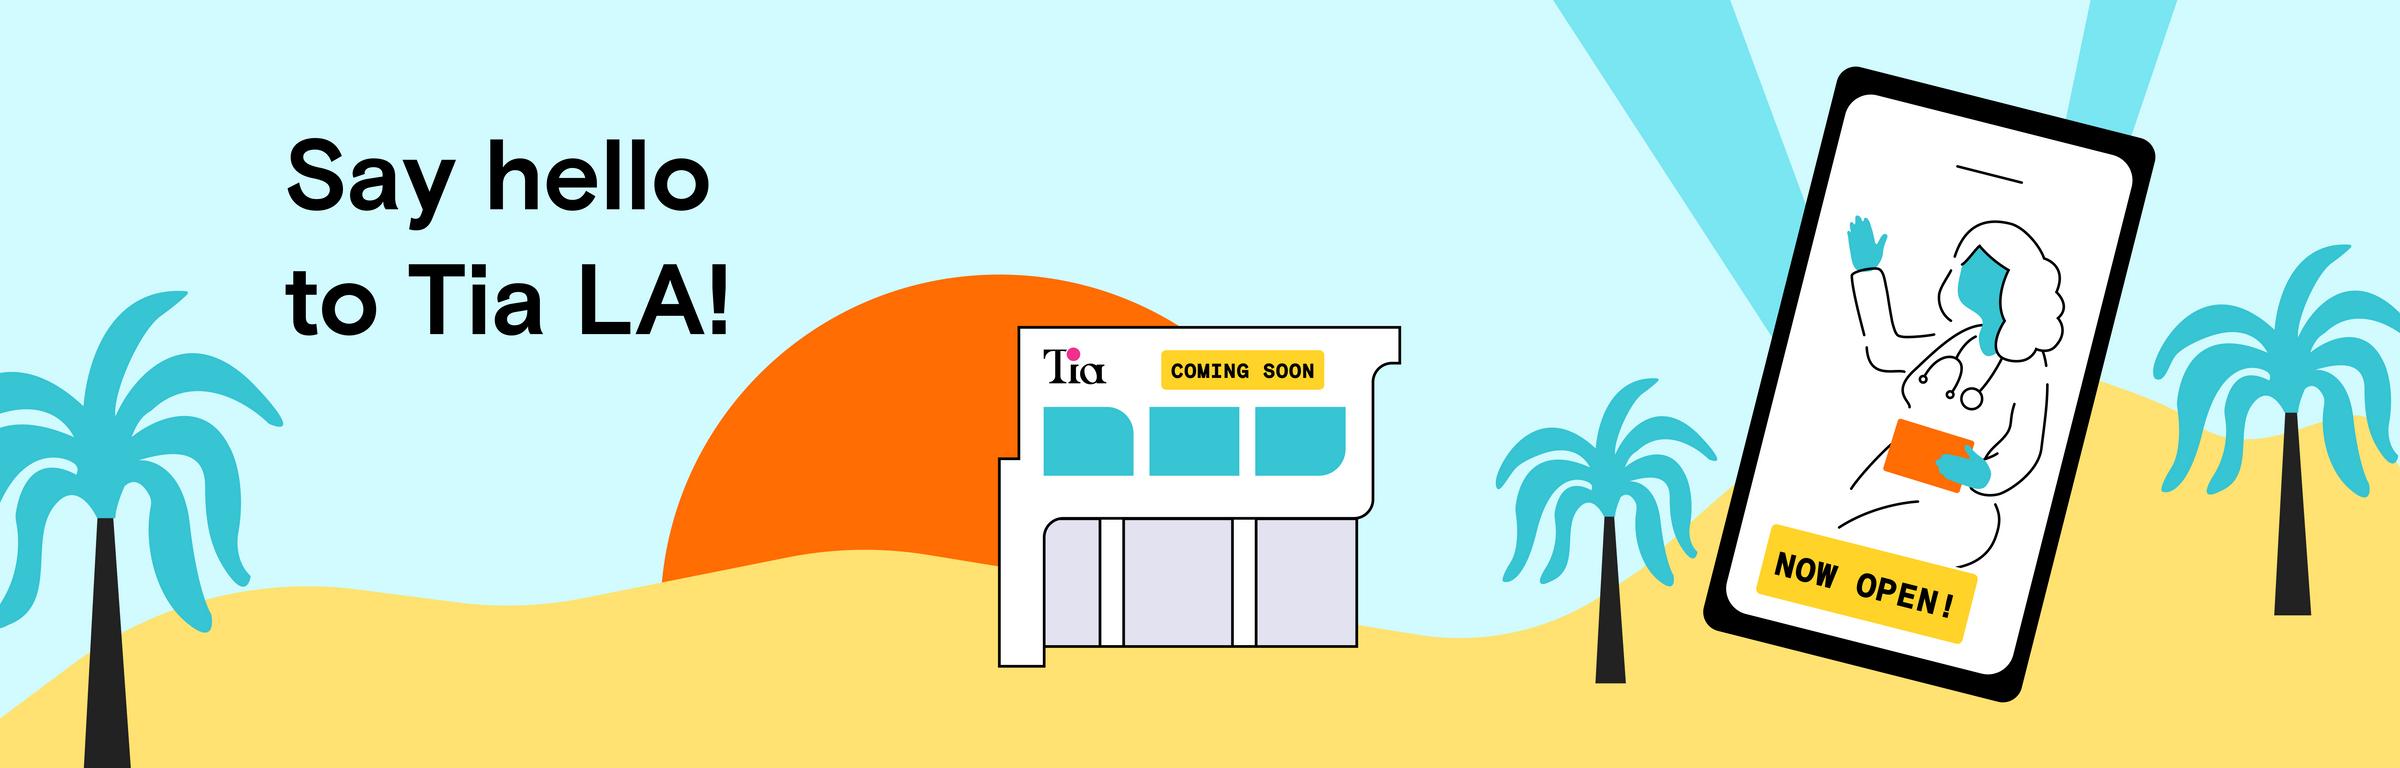 LA, Meet The Modern Medical Home | The Tia Take